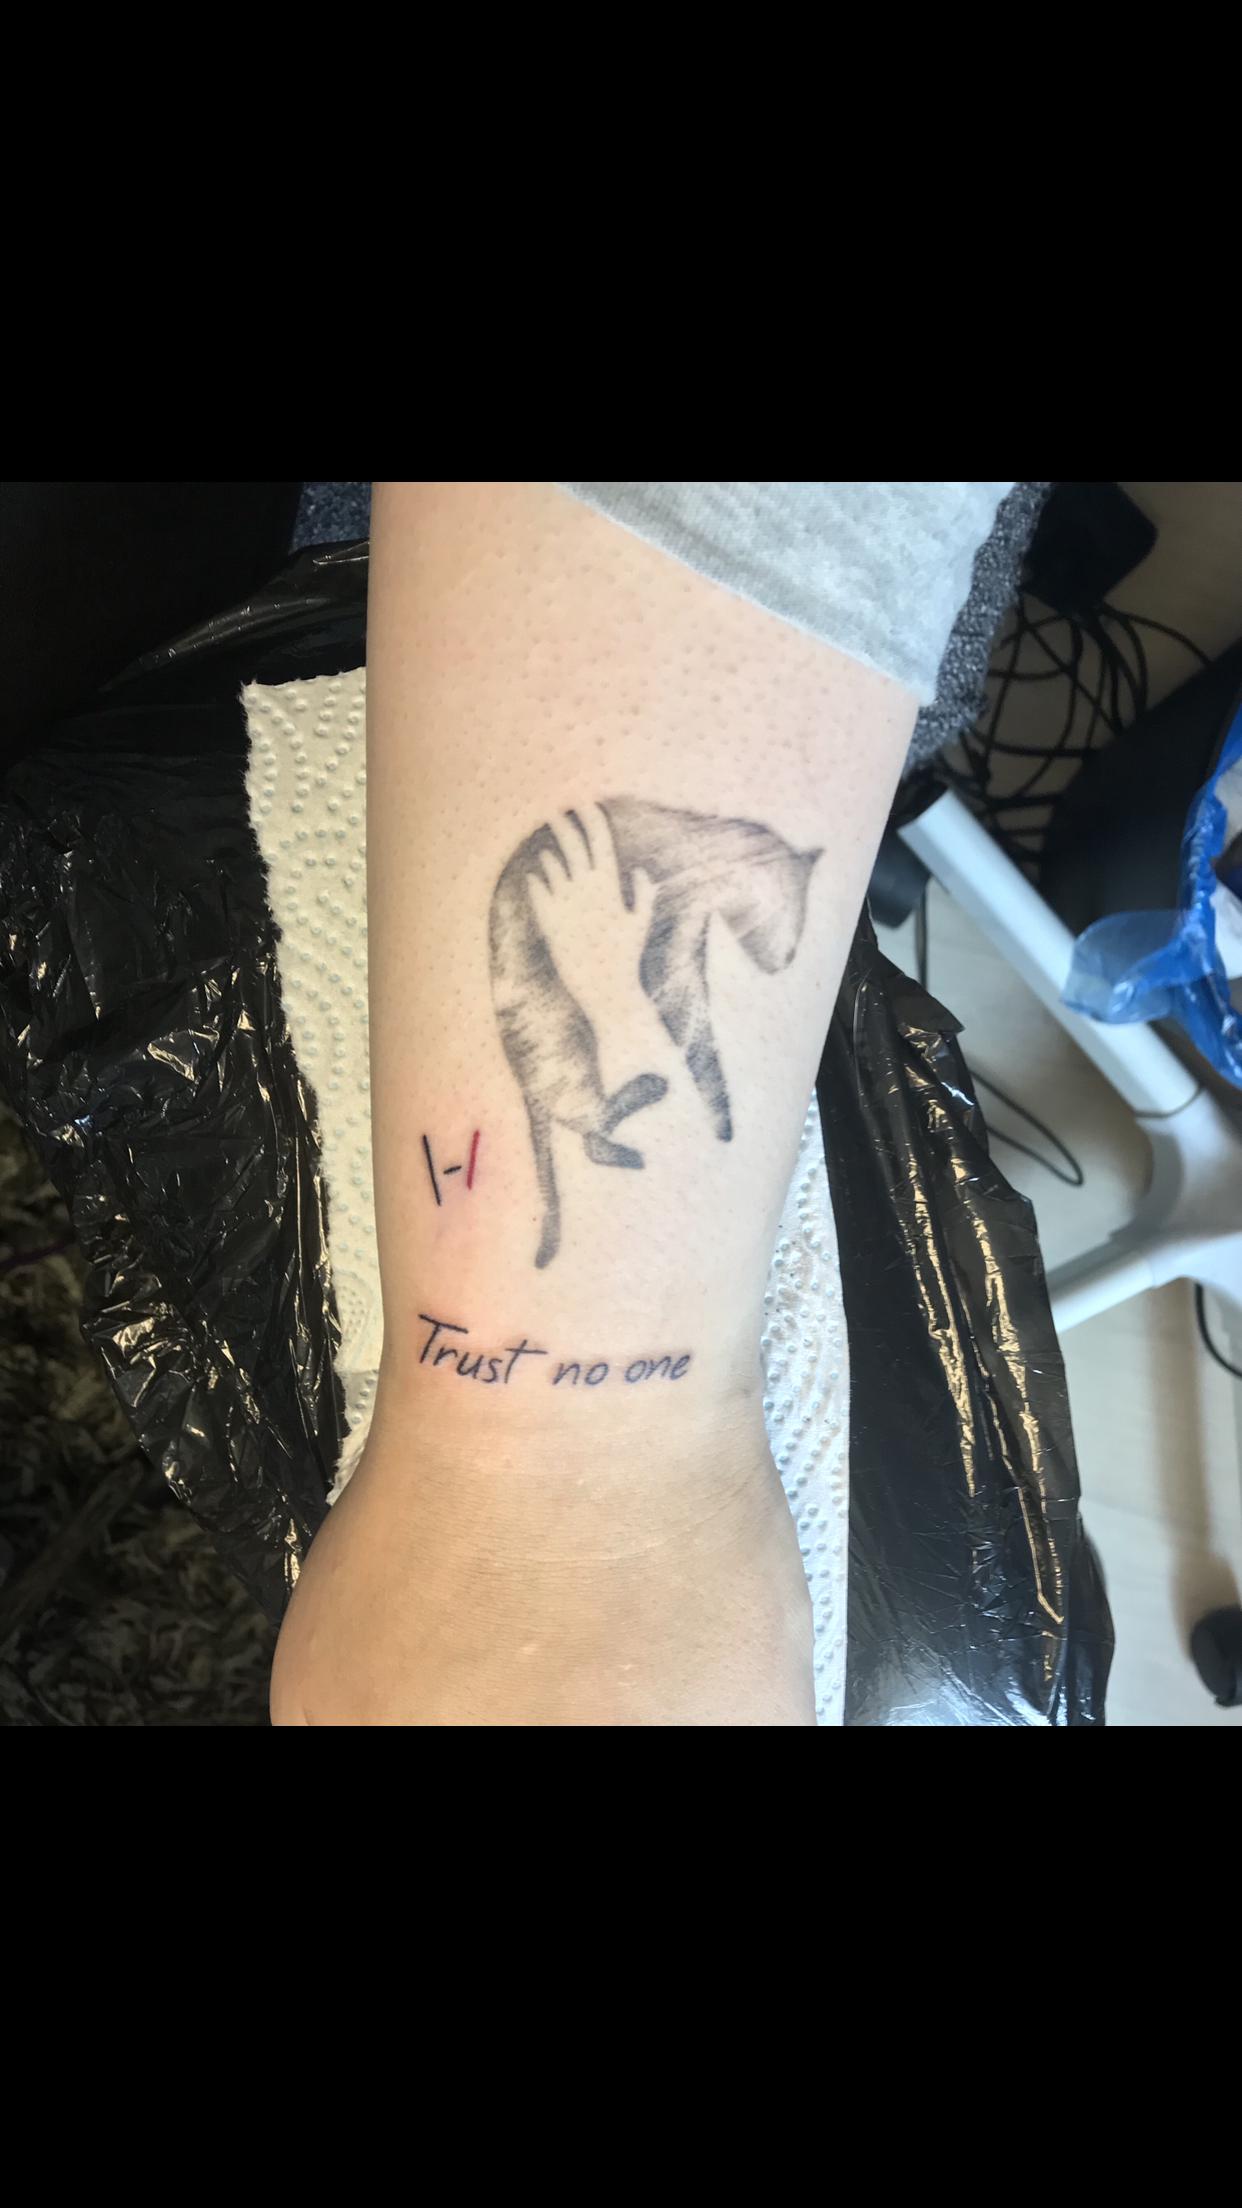 Twenty One Pilots Tattoo Clique Tattoo Tøp Twentyonepilots